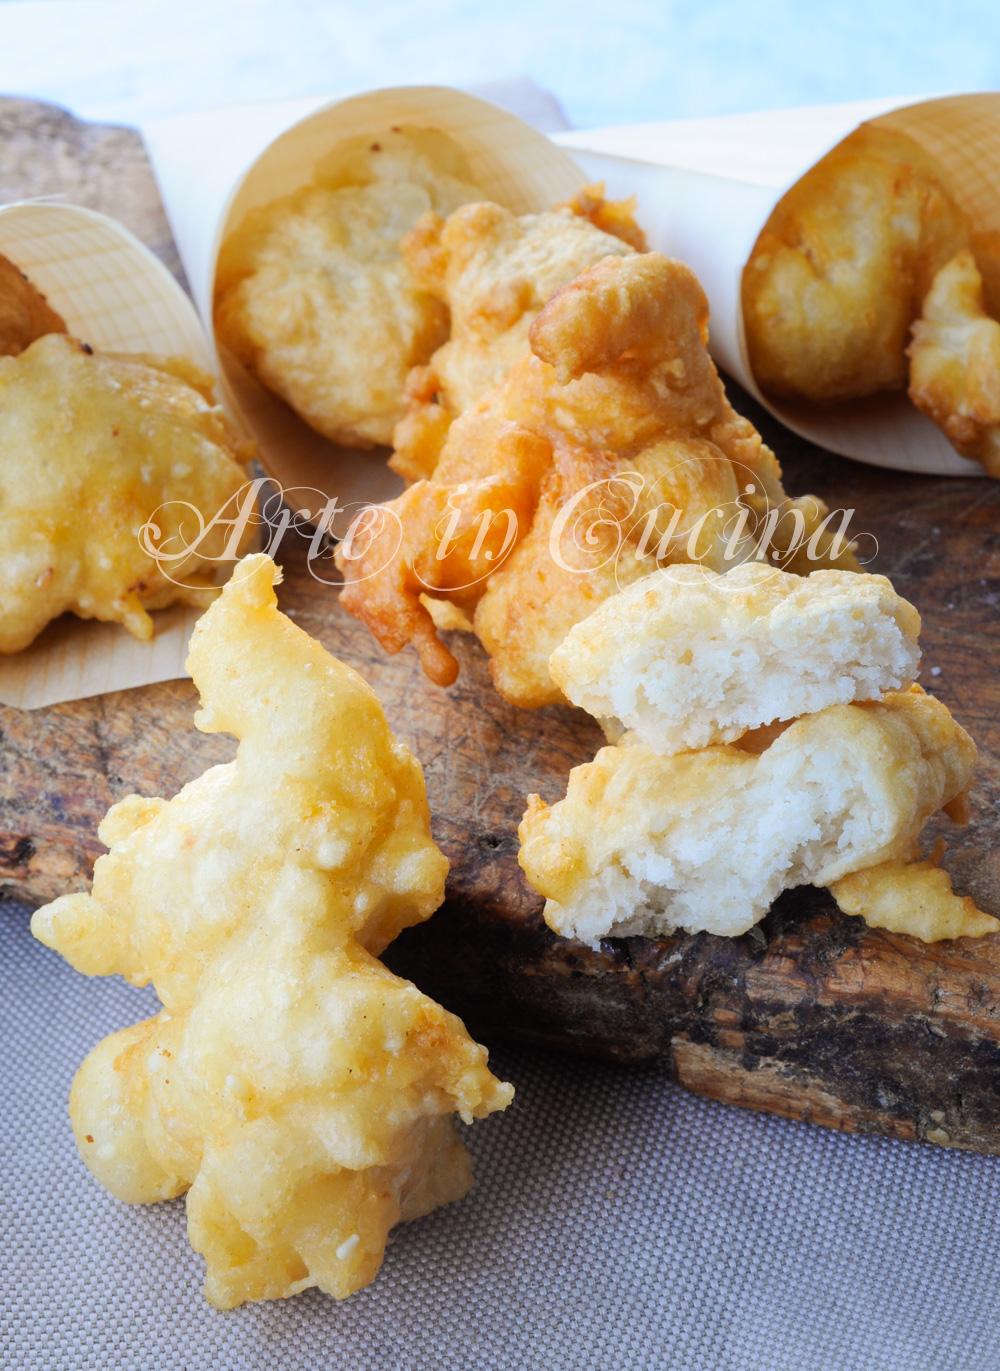 Nuvolette al formaggio ricetta sfiziosa e veloce vickyart arte in cucina